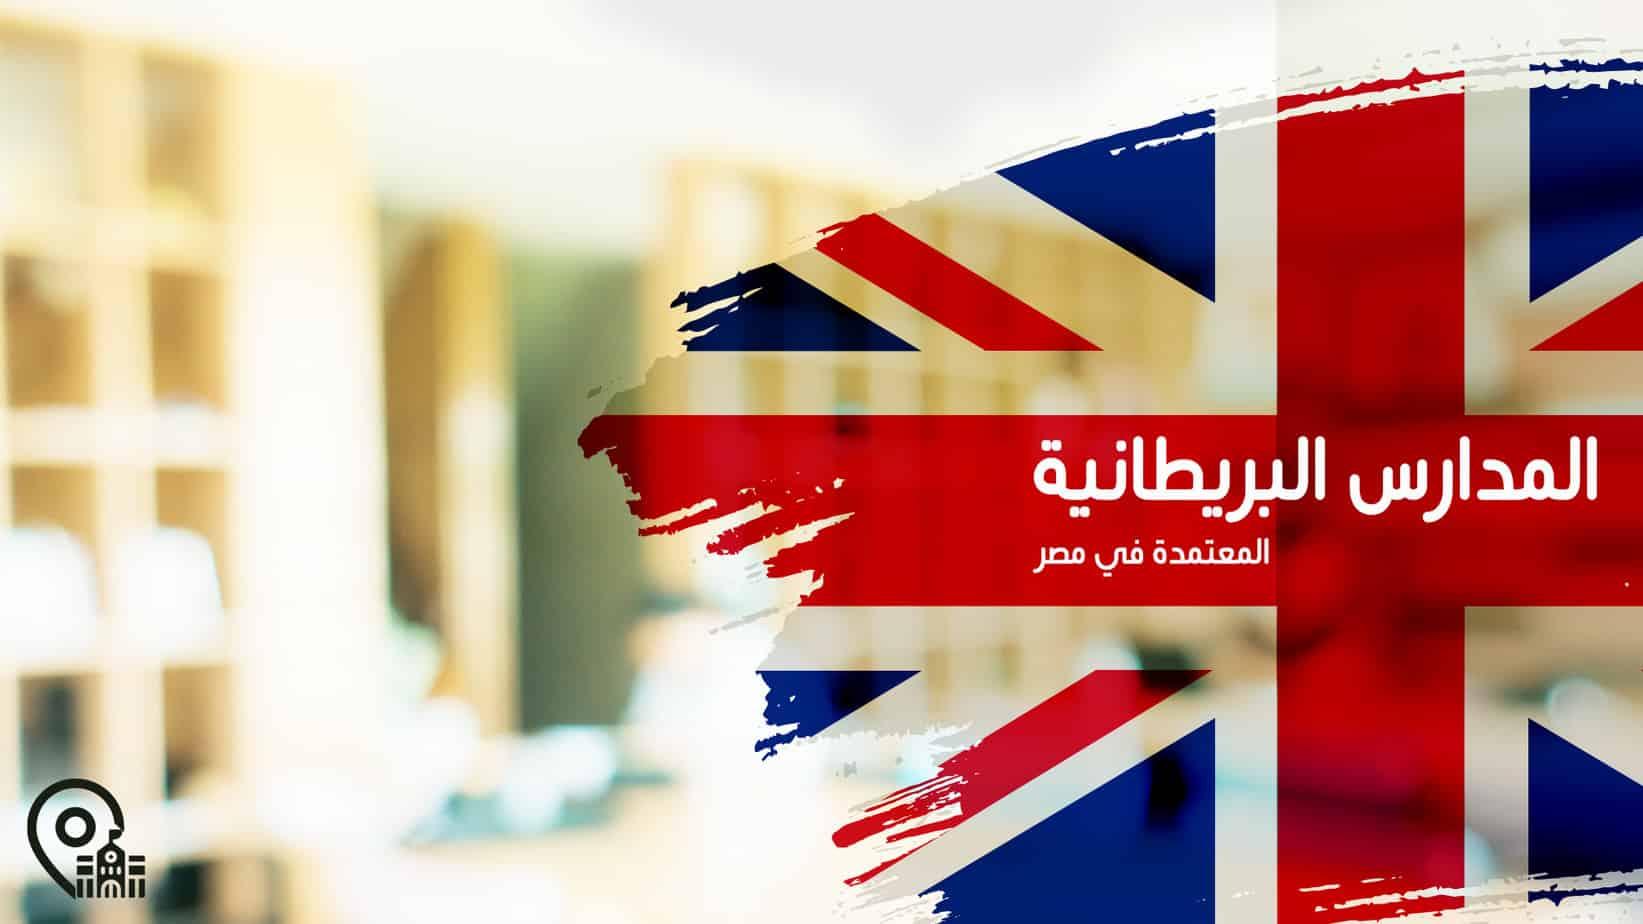 المدارس البريطانية المعتمدة في مصر | أهم 7 معلومات